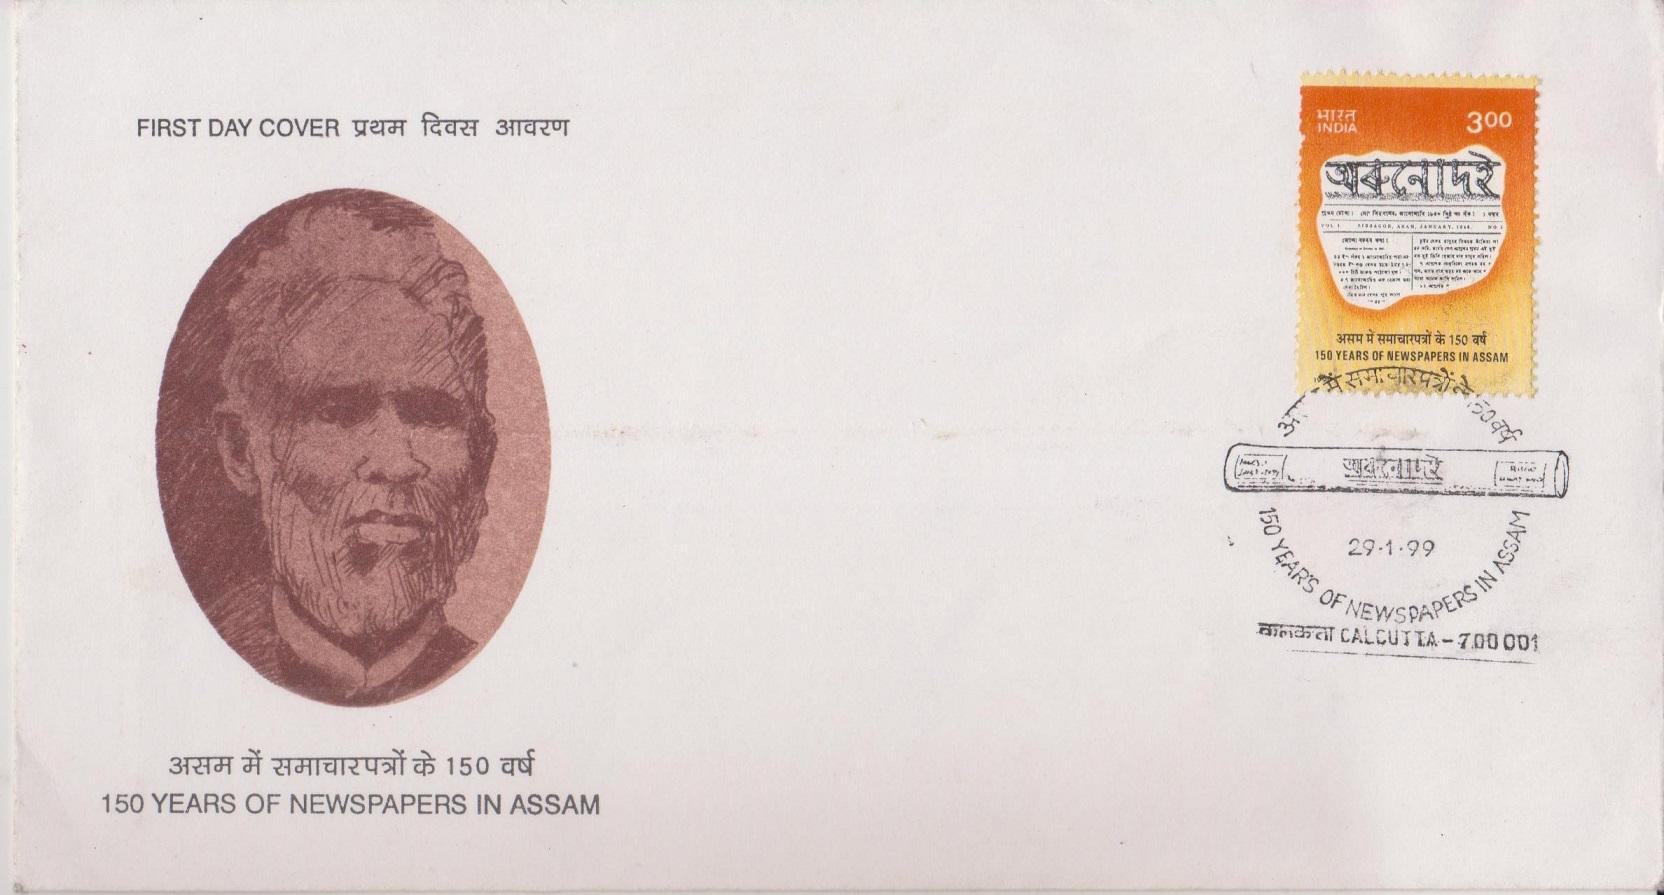 Nathan Brown (Baptist Missionary Press, Sibsagar)